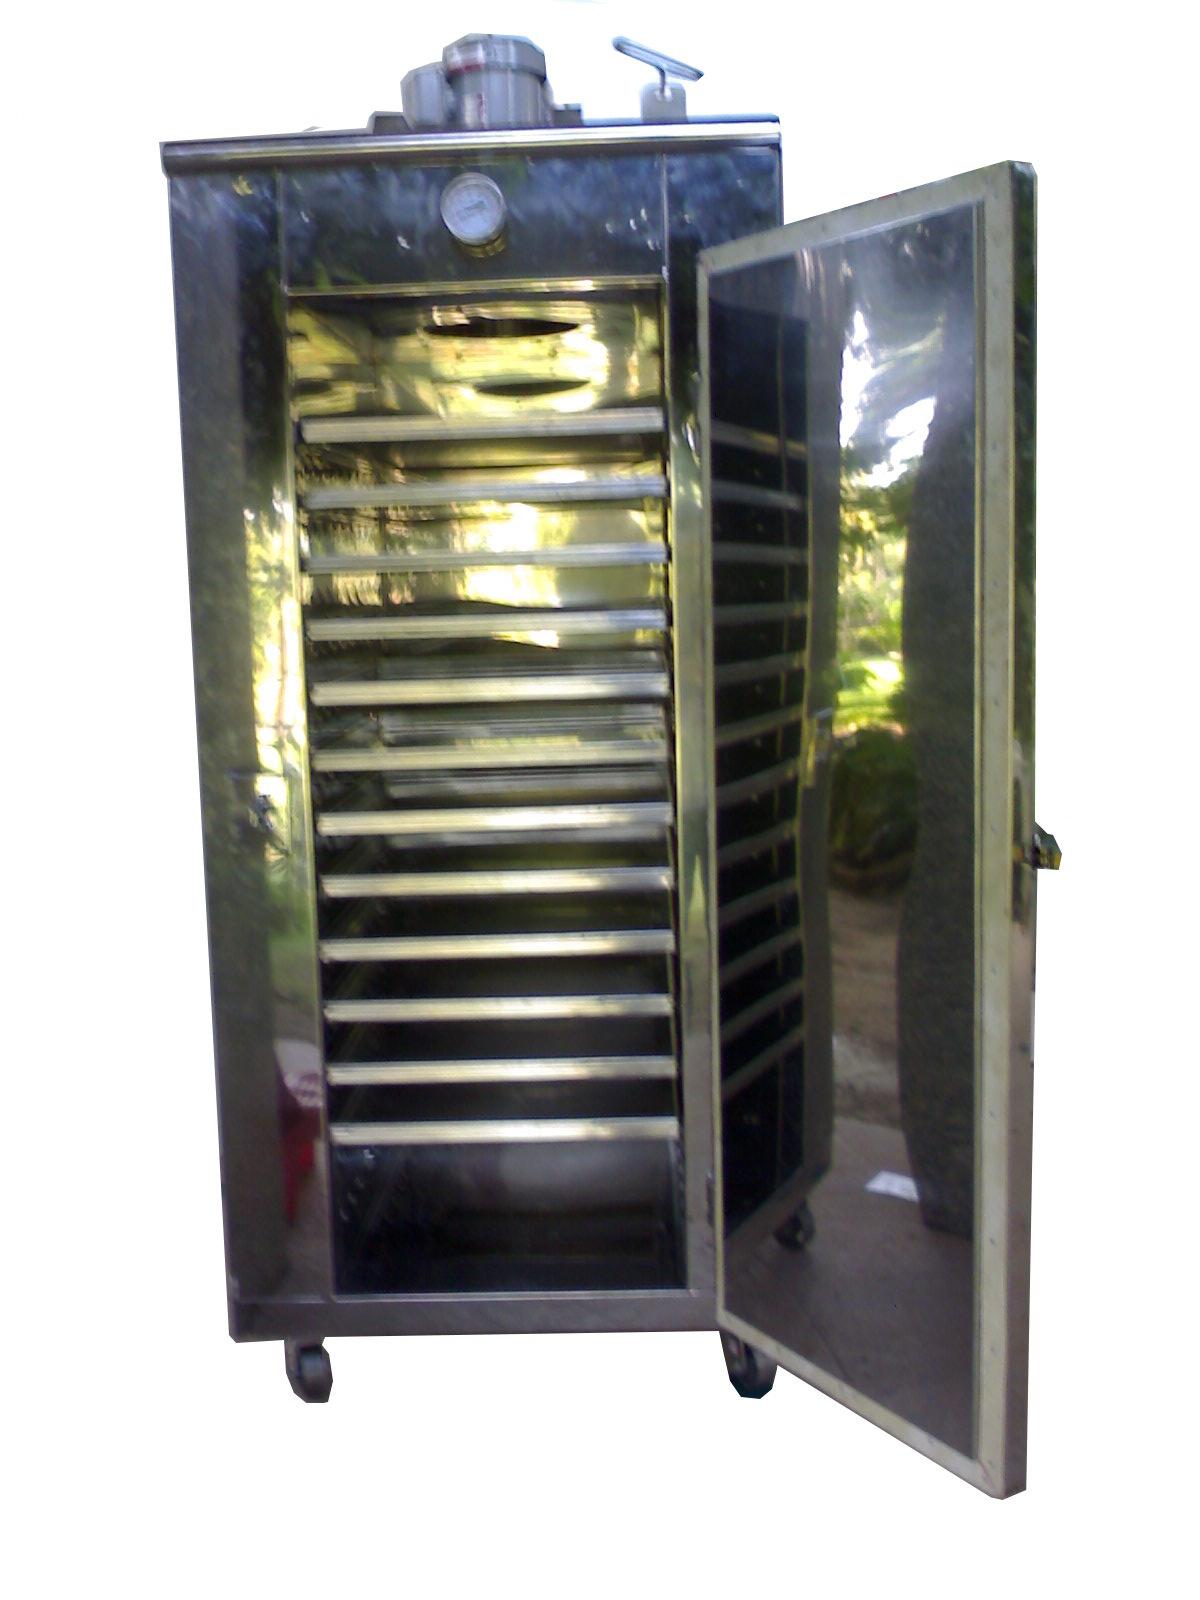 ตู้อบความร้อน ตู้อบความร้อนระบบไฟฟ้า ควบคุมการทำงานอัตโนมัติ ตู้อบลมร้อนแบบถาด